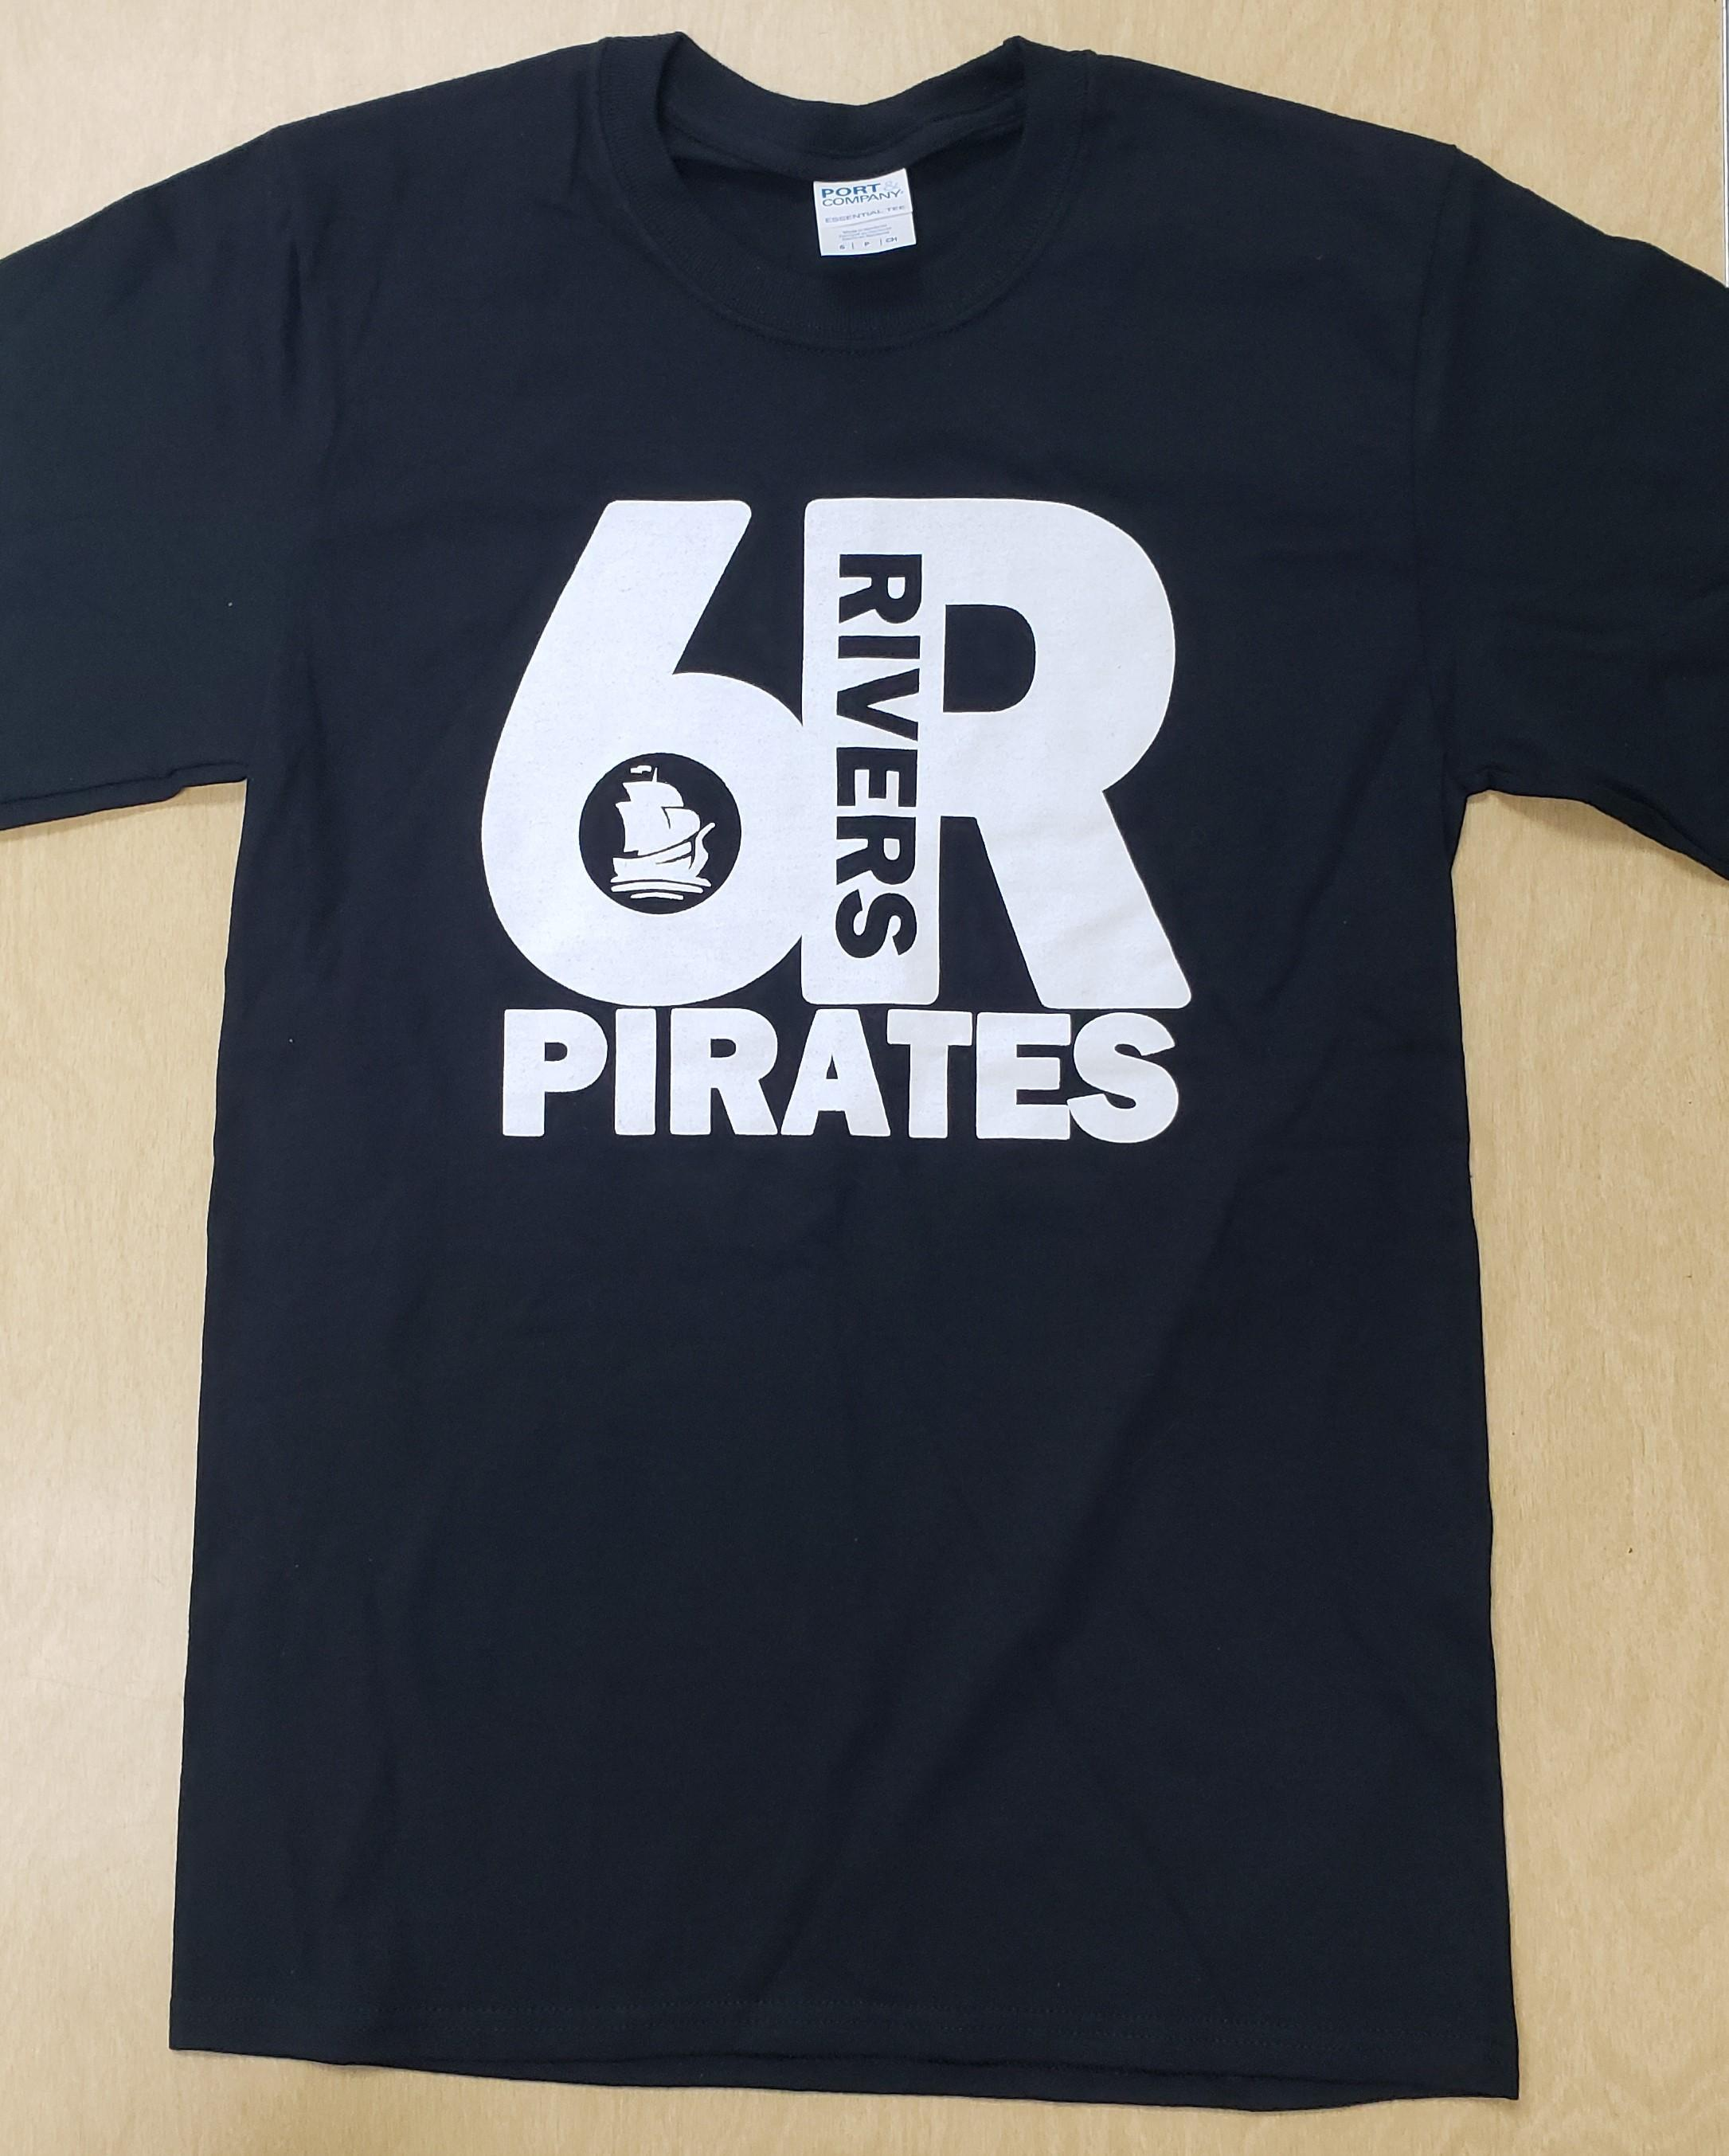 Black Shirt, White Logo -Men's Small - Front Side